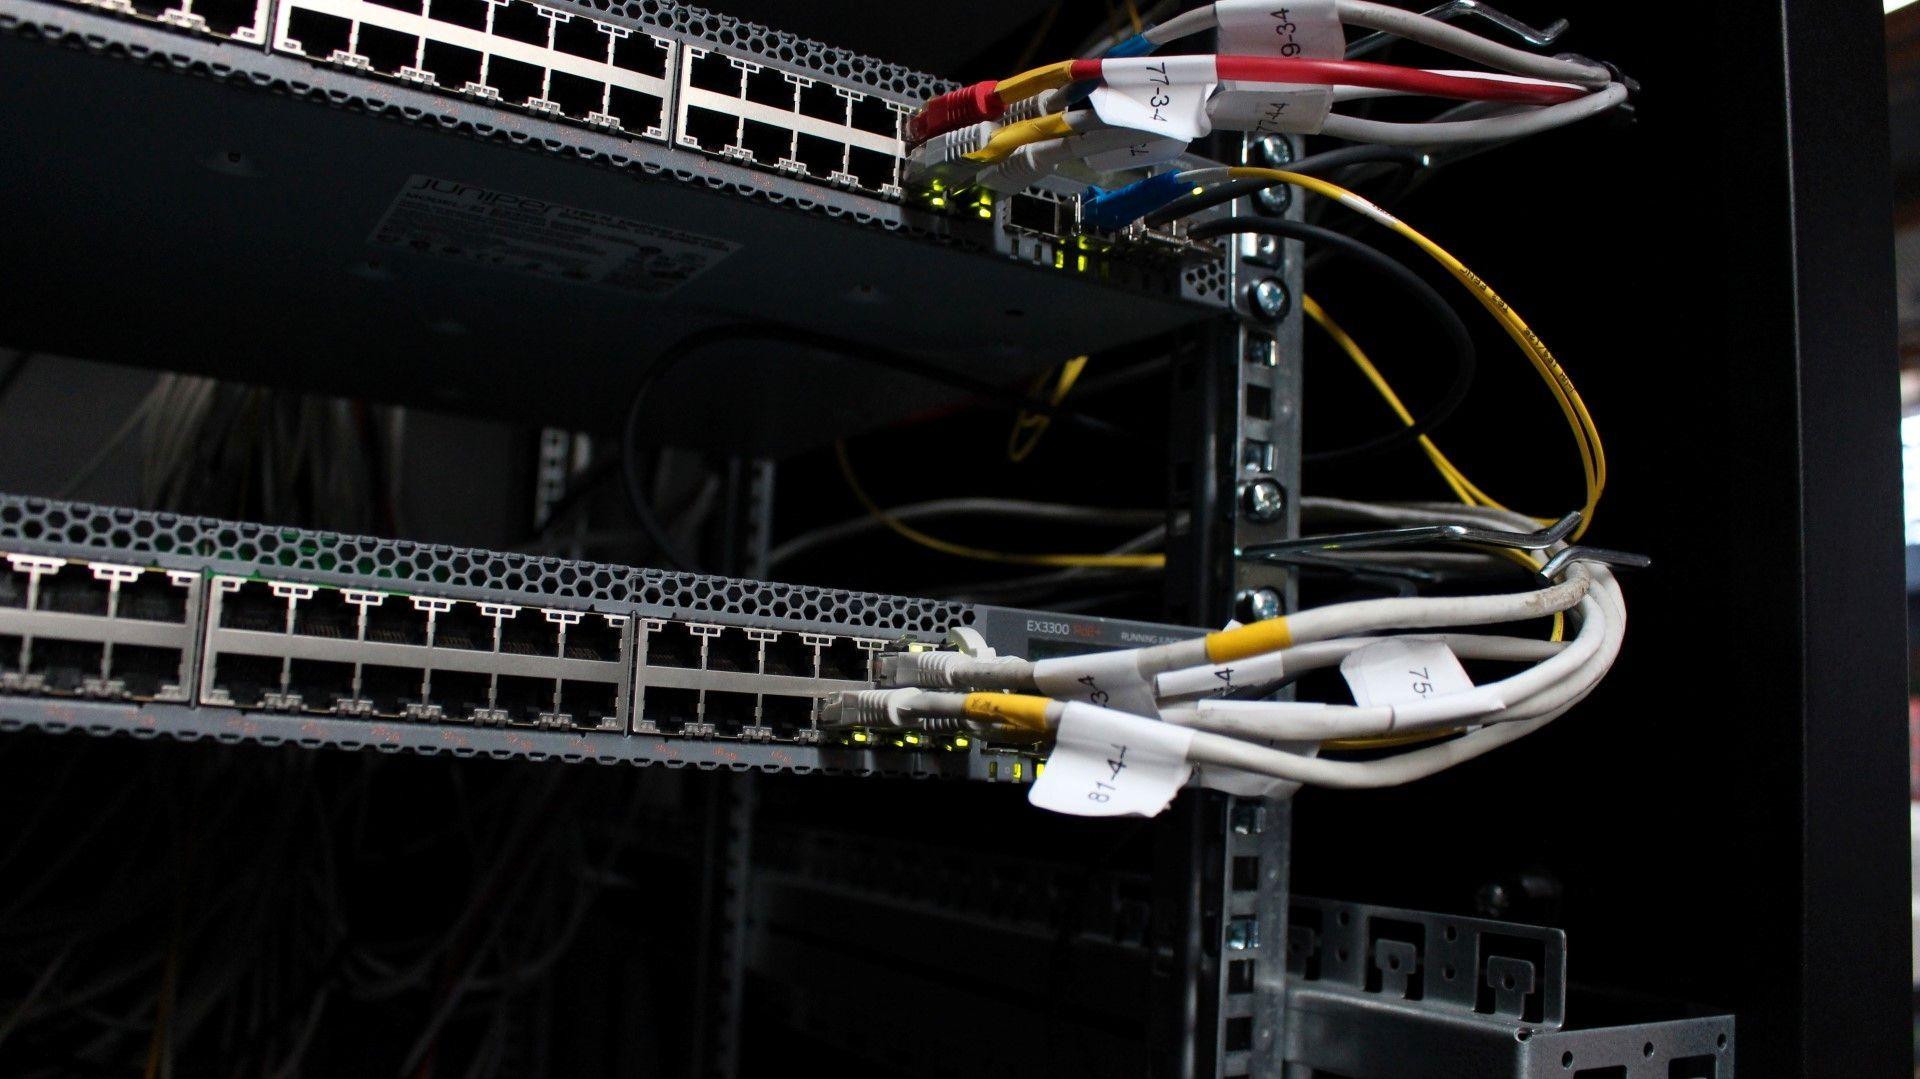 Det kablede nettverket var også på stell, som du kan lese mer om i saken om nettopp nettverket på TG som vi publiserer i løpet av dagen.